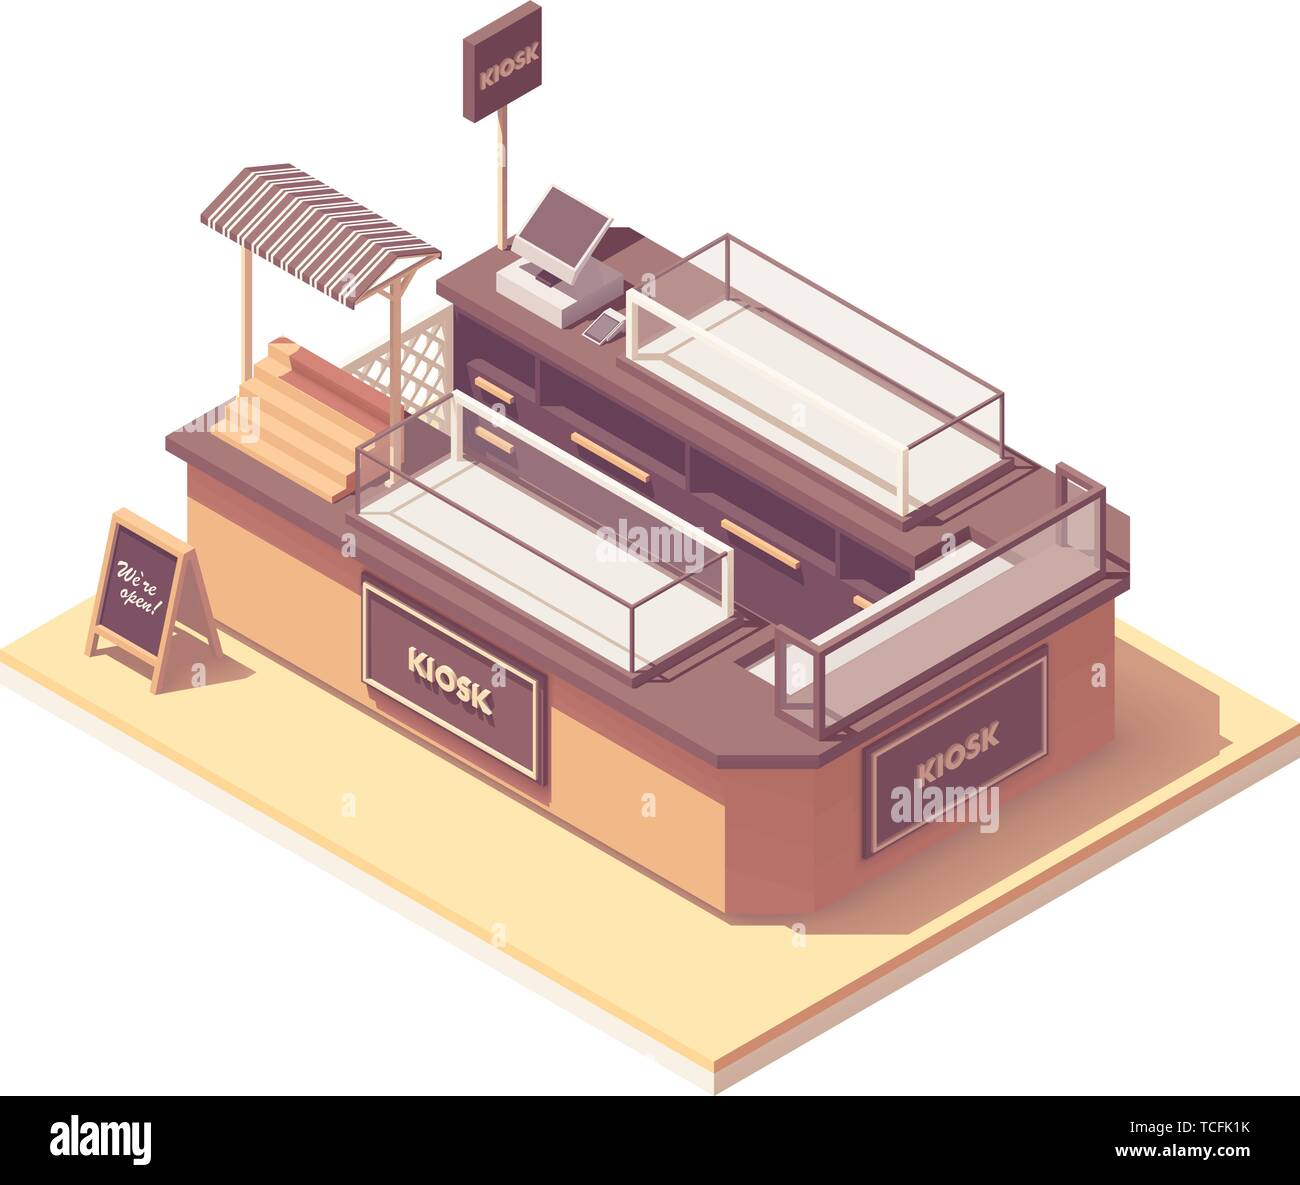 Vector isometric mall retail kiosk - Stock Vector